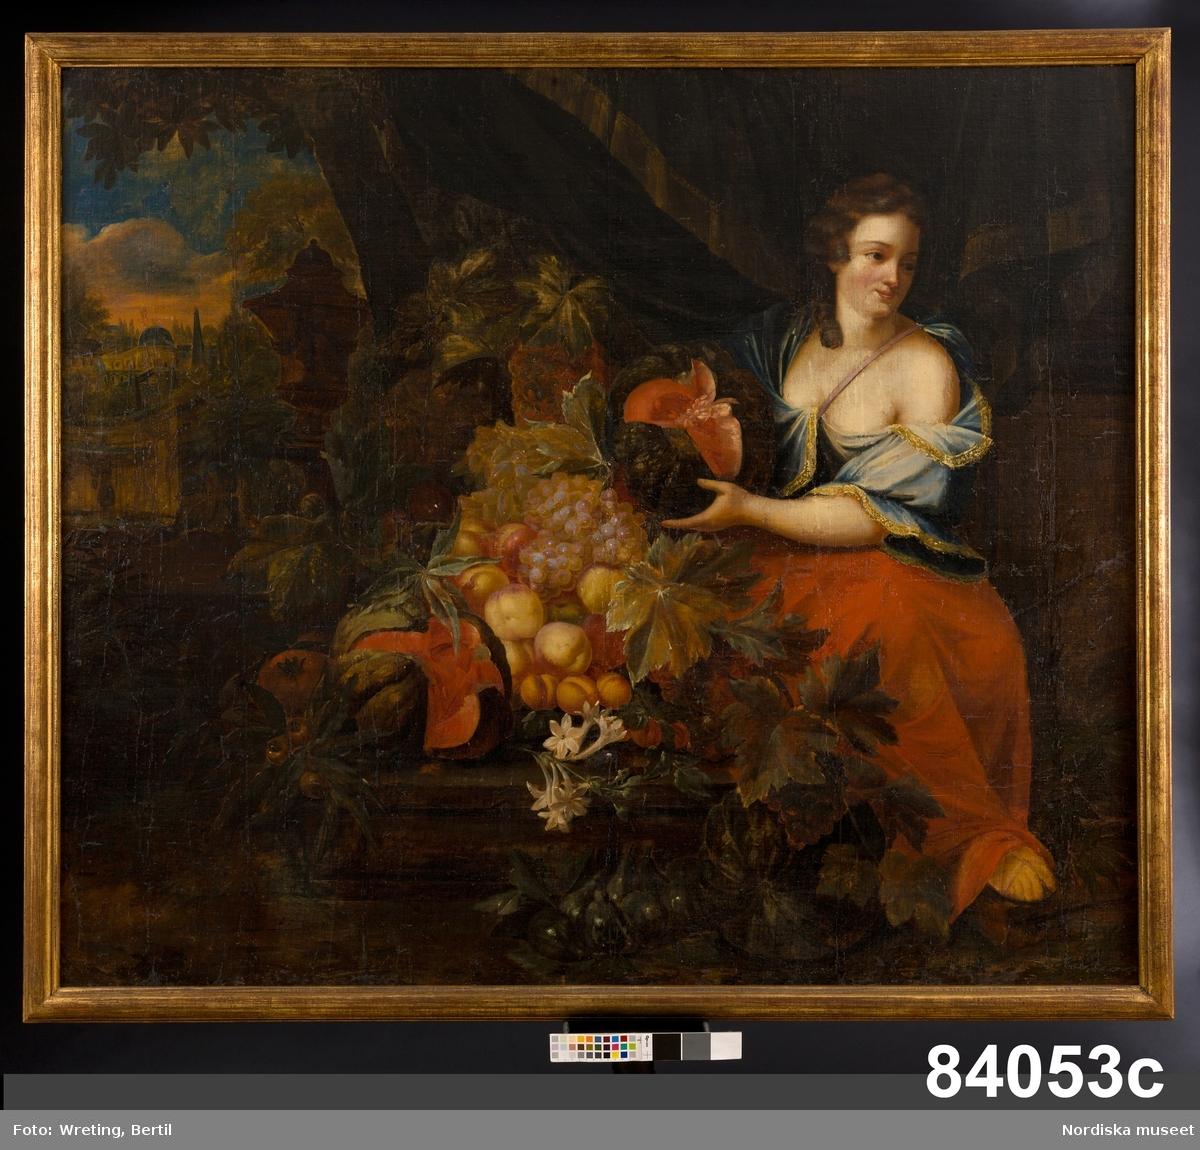 """Huvudliggaren: """"a-d 4 dörröverstycken. Oljemålad duk utan ramar. Framställande kvinnofigurer, omgifna af blommor och frukter. a. H. 1,55. B. 1,37.  b. H. 1,58. B. 1,39. c. H. 1,38. B. 1,60. d. H. 1,38. B. 1,60.""""  Utdrag ur bilaga: """"På nåd. befallning öfverlämnas härmed som gåfva till Nordiska Museet följande, ursprungligen den af H.M. Konungen inköpta Mälsåkerssamlingen tillhörande taflor: /.../ 1600-talet /.../ 4 dörrstycken. oljemål. duk, utan blindramar.""""    Katalogkort: """" Oljemålning på duk. H 1,55, Br 1,37 m. Kvinnofigur i blå klänning och röd mantel, håller vindruvsklasar, omgiven av frukter. I bakgrunden romerskt landskap. A: 1 med krita 'No 2'. B= 'ursprungligen den af H.M Konungen inköpta Wälsåkerssamlingen tillhörande taflor.' """""""